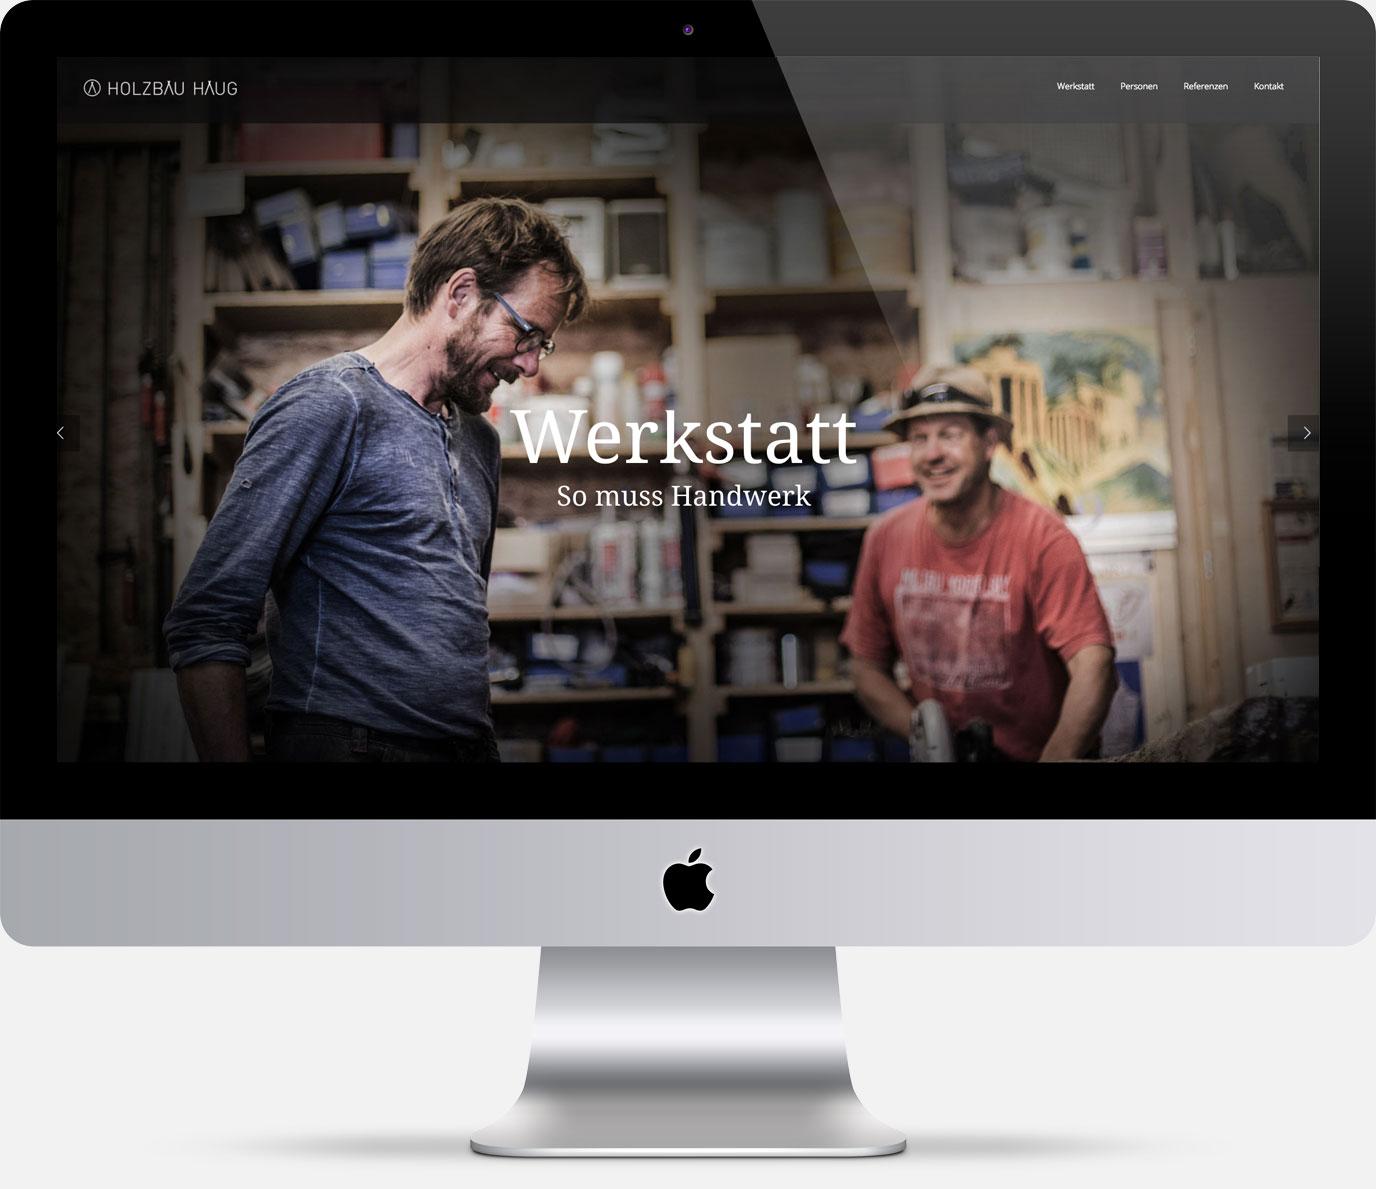 75a, Büro für Gestaltung aus Stuttgart entwirft die Website für Holzbau Haug aus Nürtingen